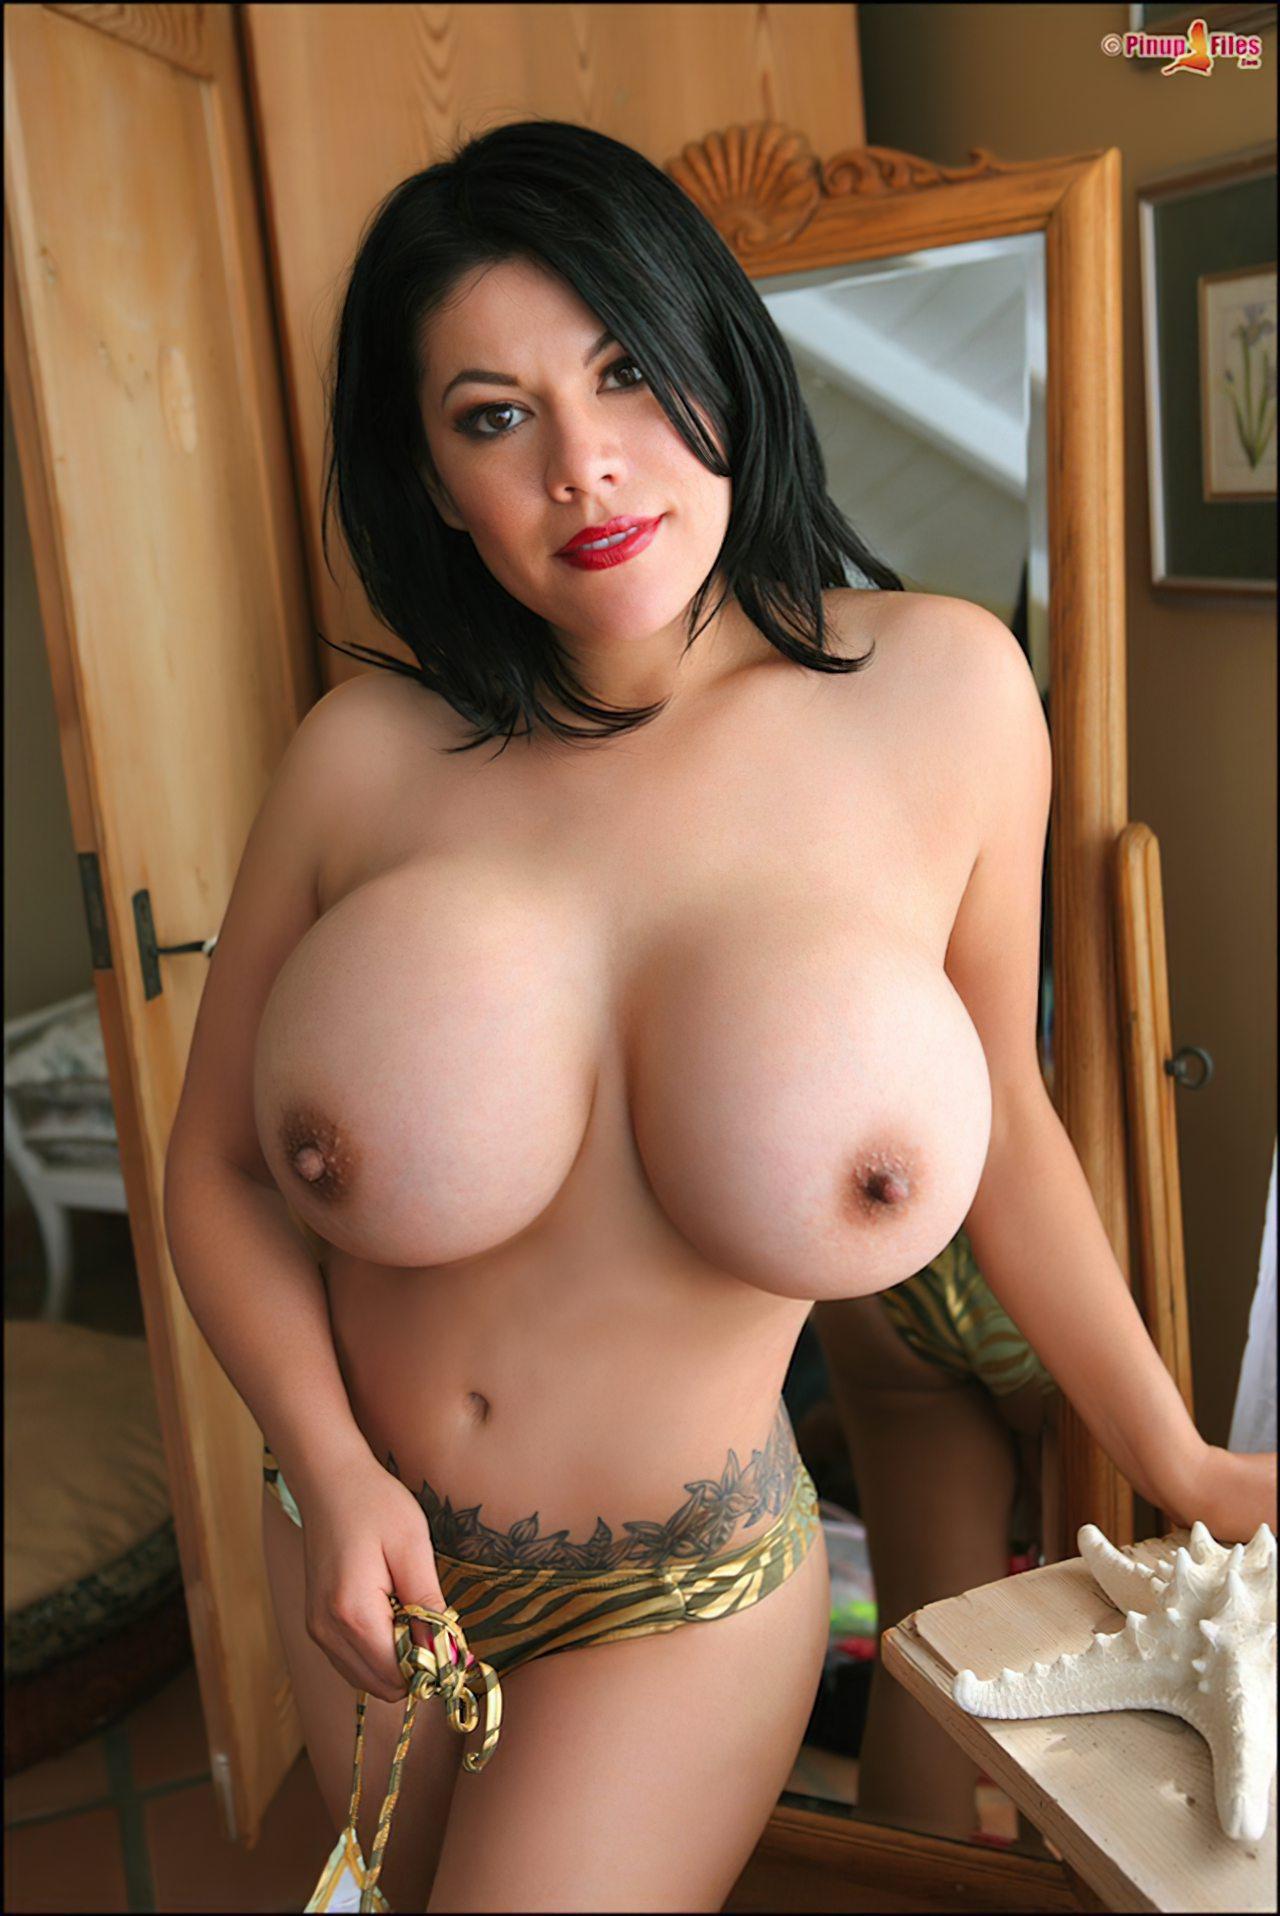 mulheres da largos peitos ...  - Página 4 Mamas-grandes-09